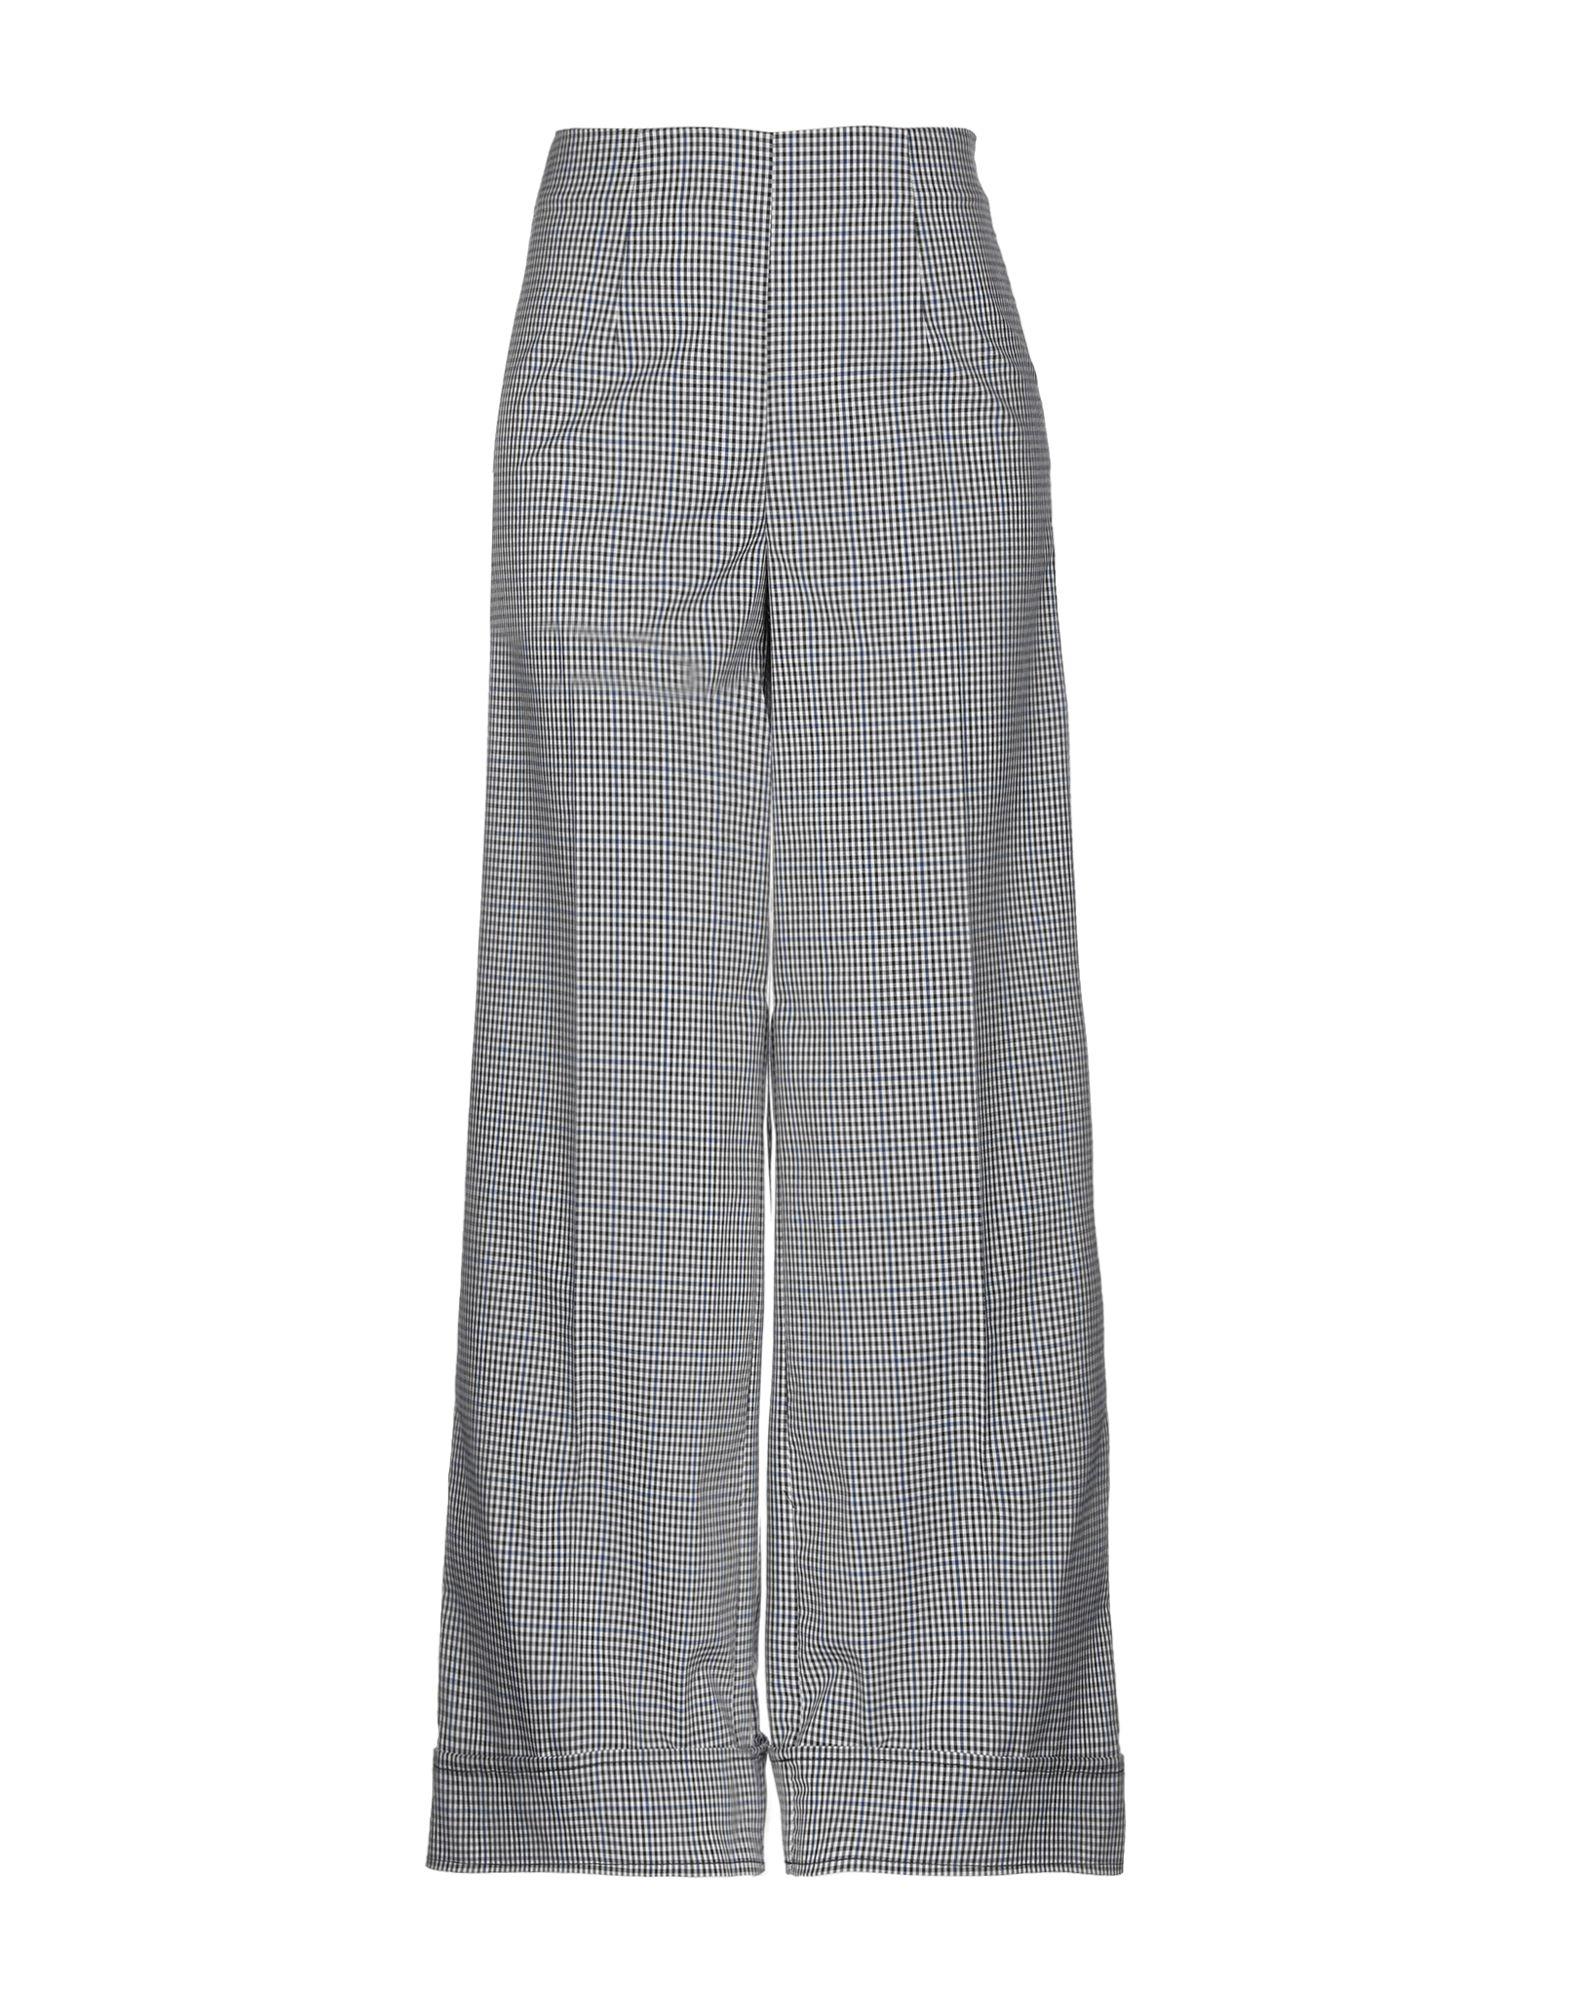 CRISTINA ROCCA Повседневные брюки брюки широкие с принтом в клетку виши